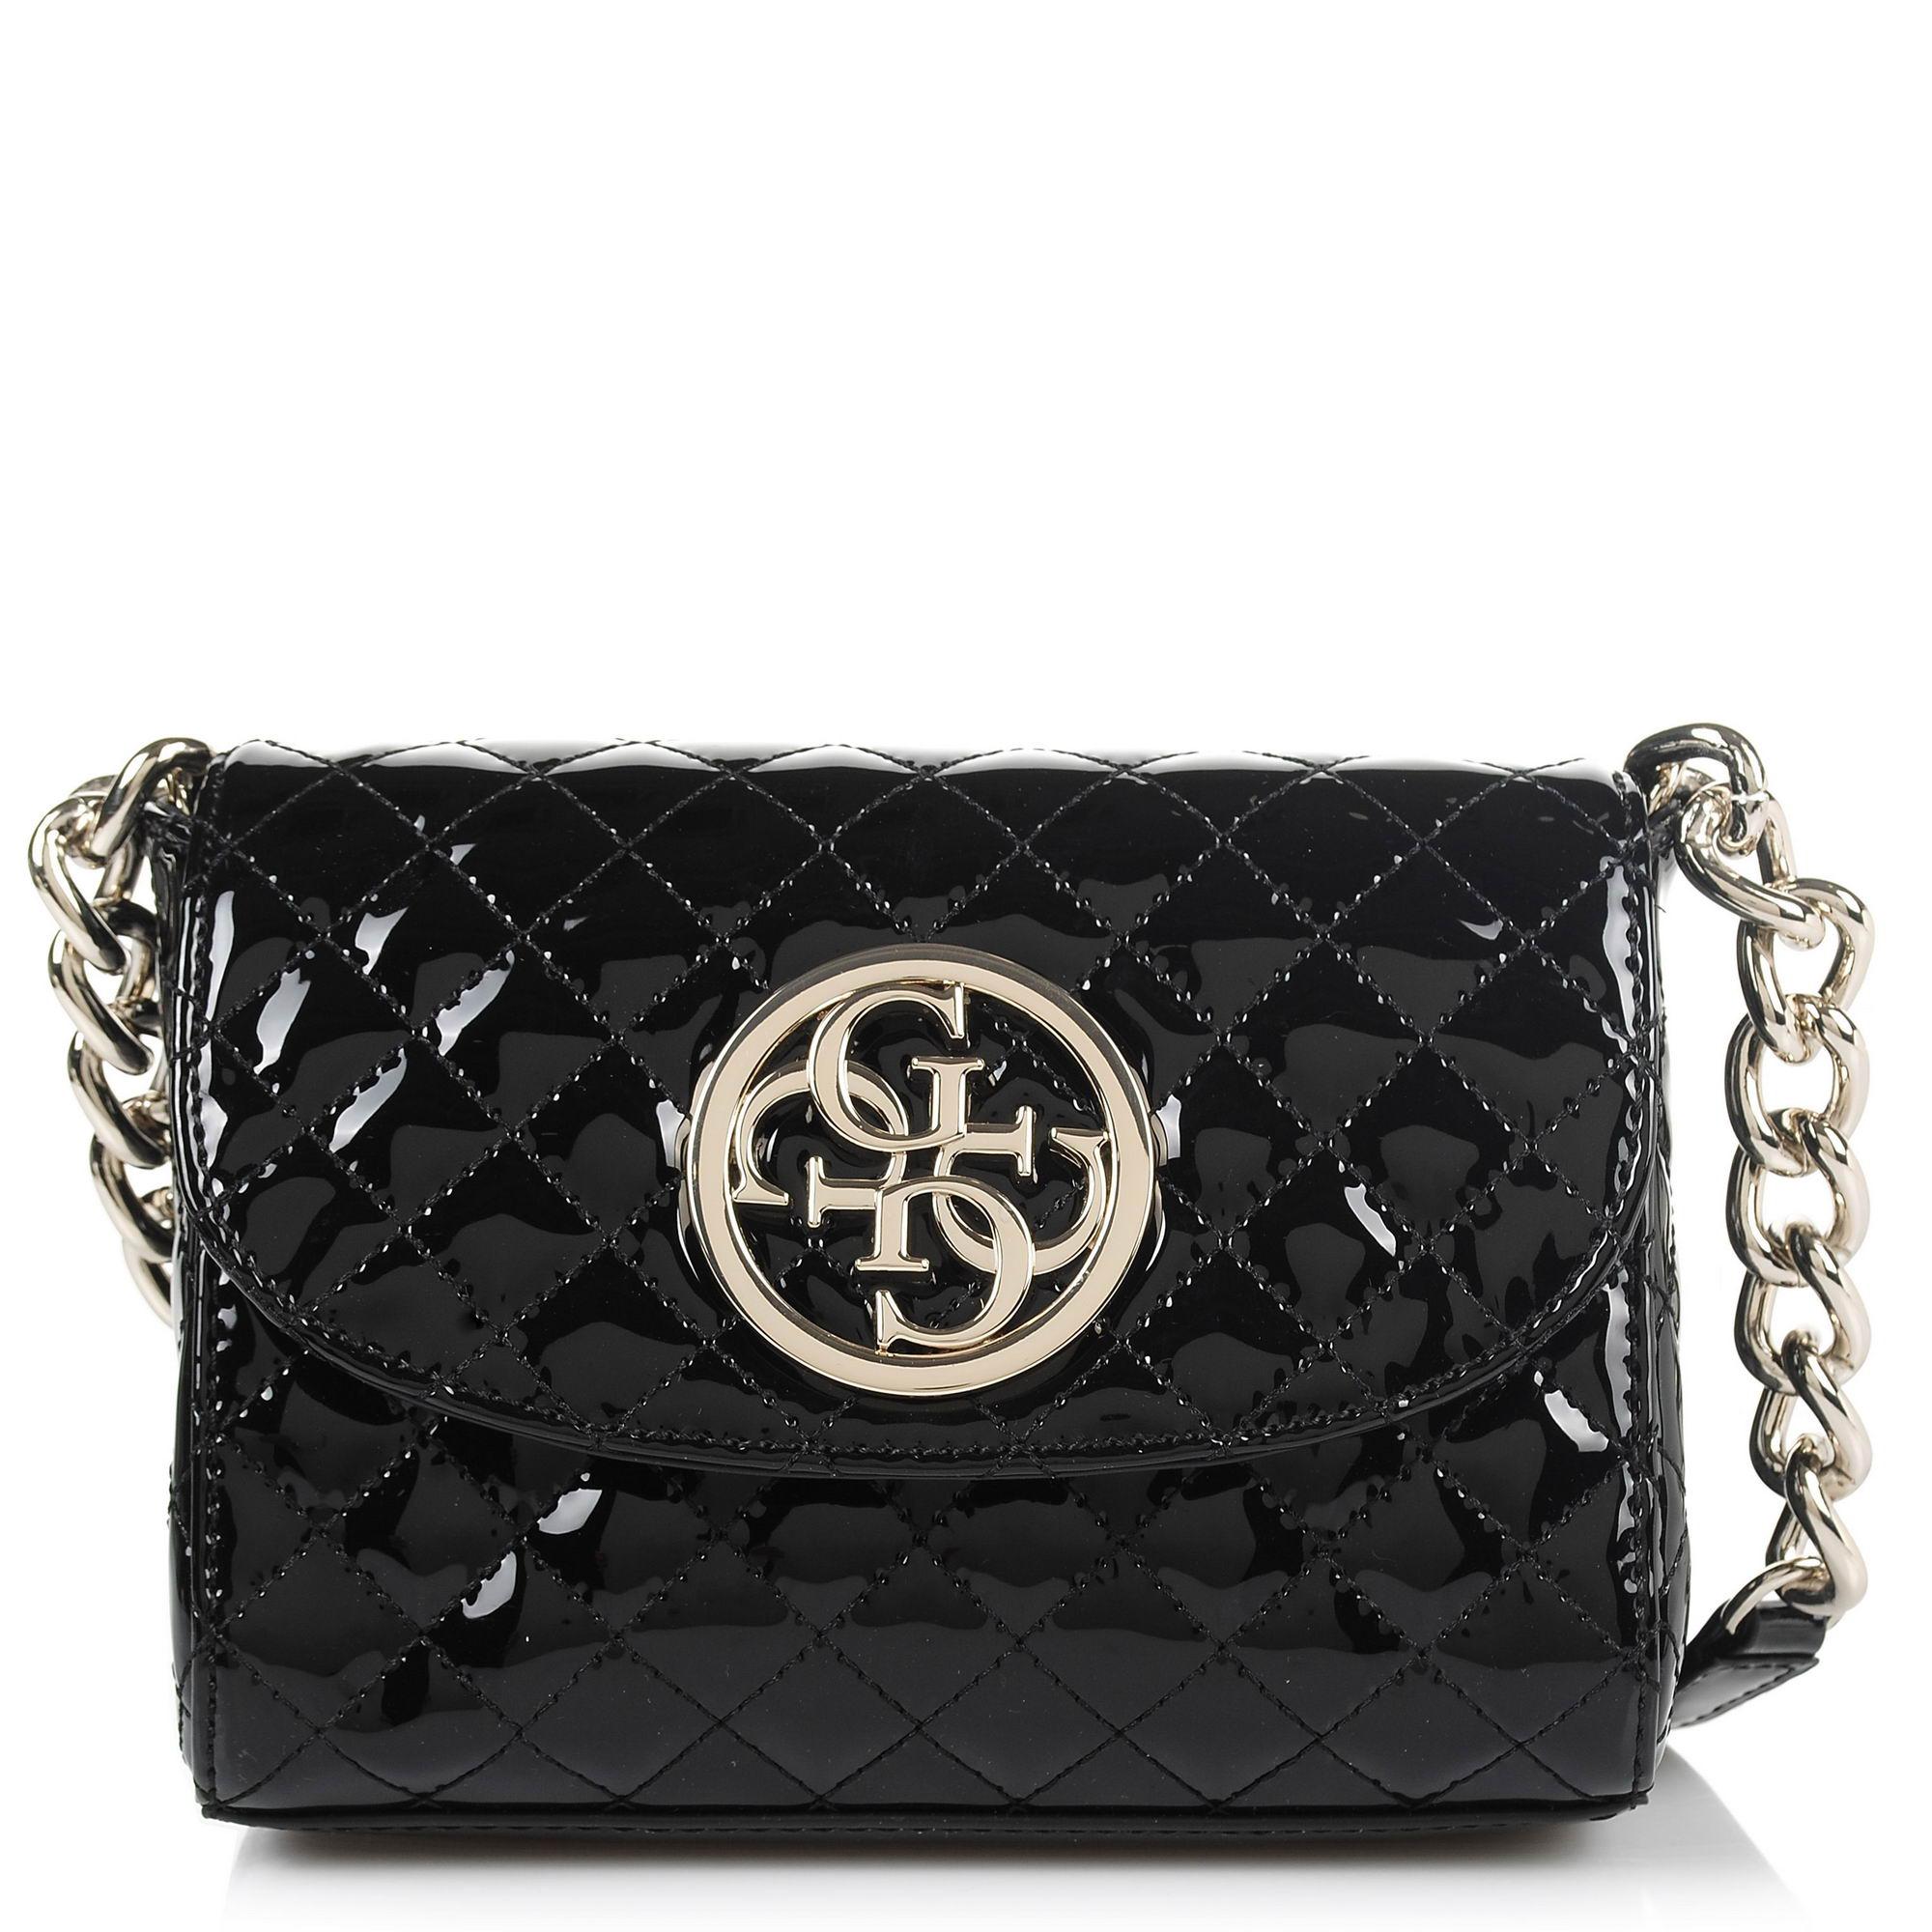 Τσαντάκι Ώμου - Χιαστί Guess Glux Mini PG662378 γυναικα   γυναικεία τσάντα